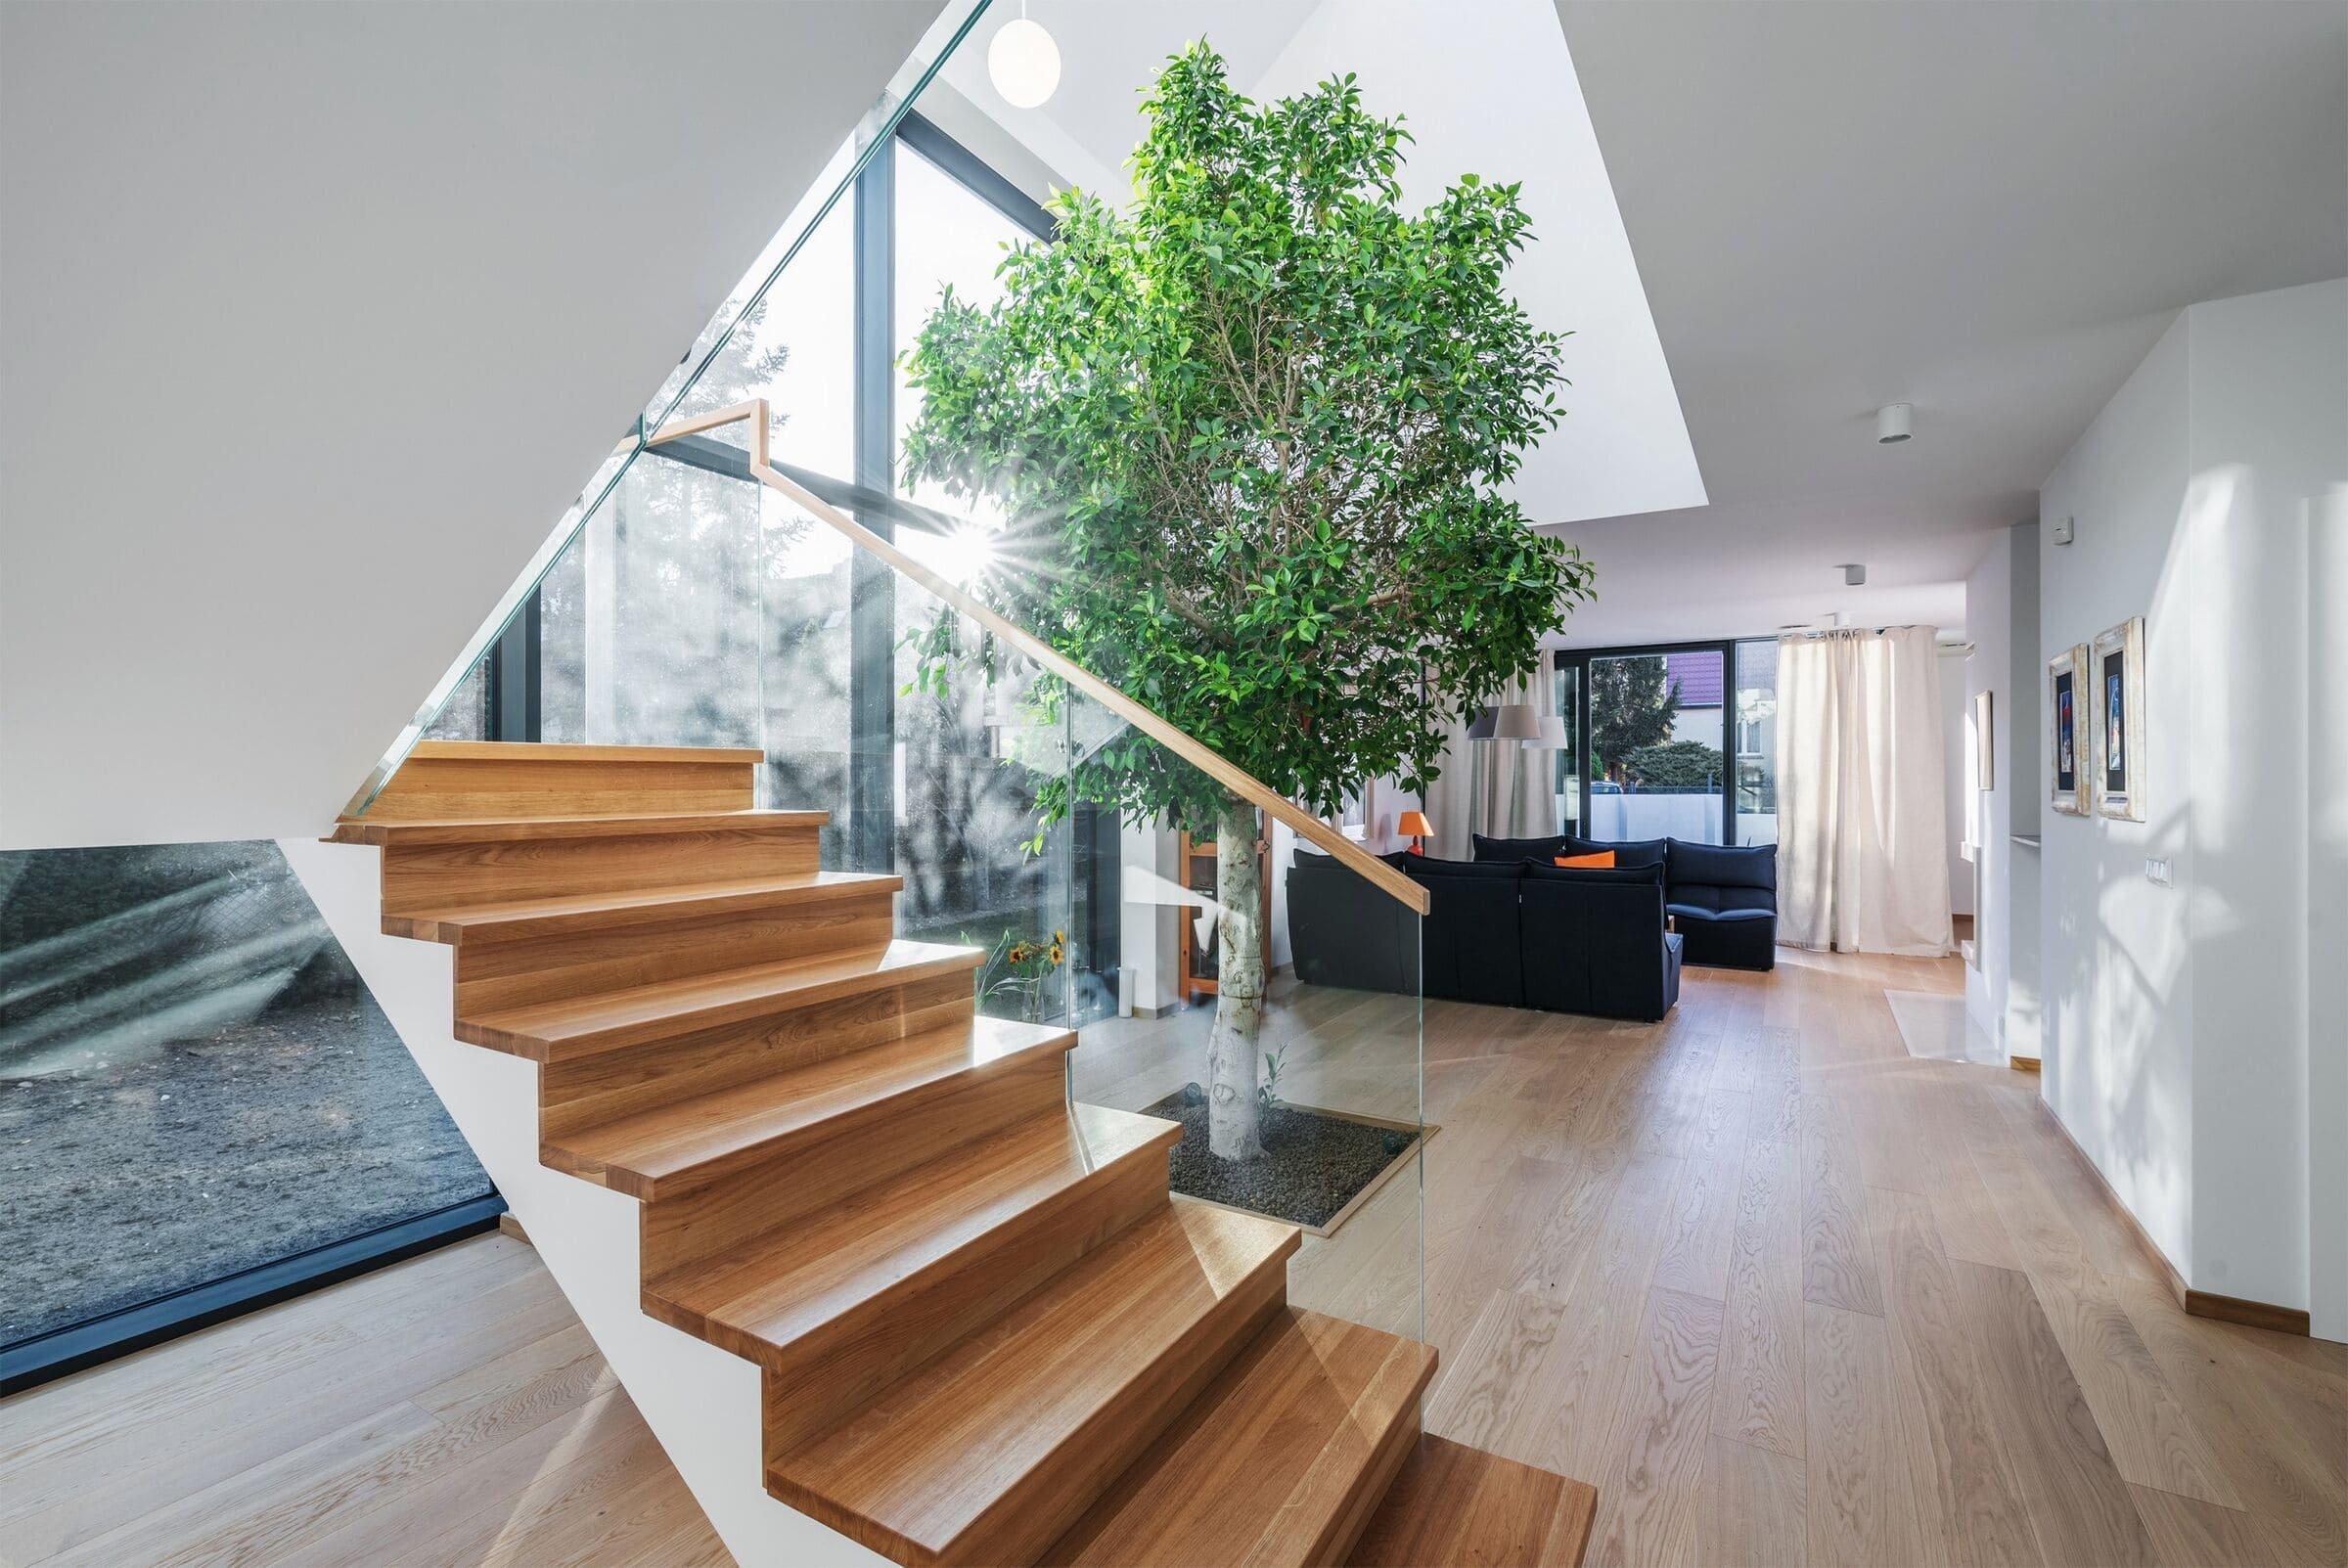 V rezidenční čtvrti polské Wroclawi vyrostl bílý dům z dílny architekta Tomasza Głowacki. Nachází se mezi rodinnými domy postavenými před druhou světovou válkou, proto se jim tvarem přizpůsobuje. Poloha na pozemku mu poskytuje mnoho výhod, a to navzdory těsné blízkosti sousedů.